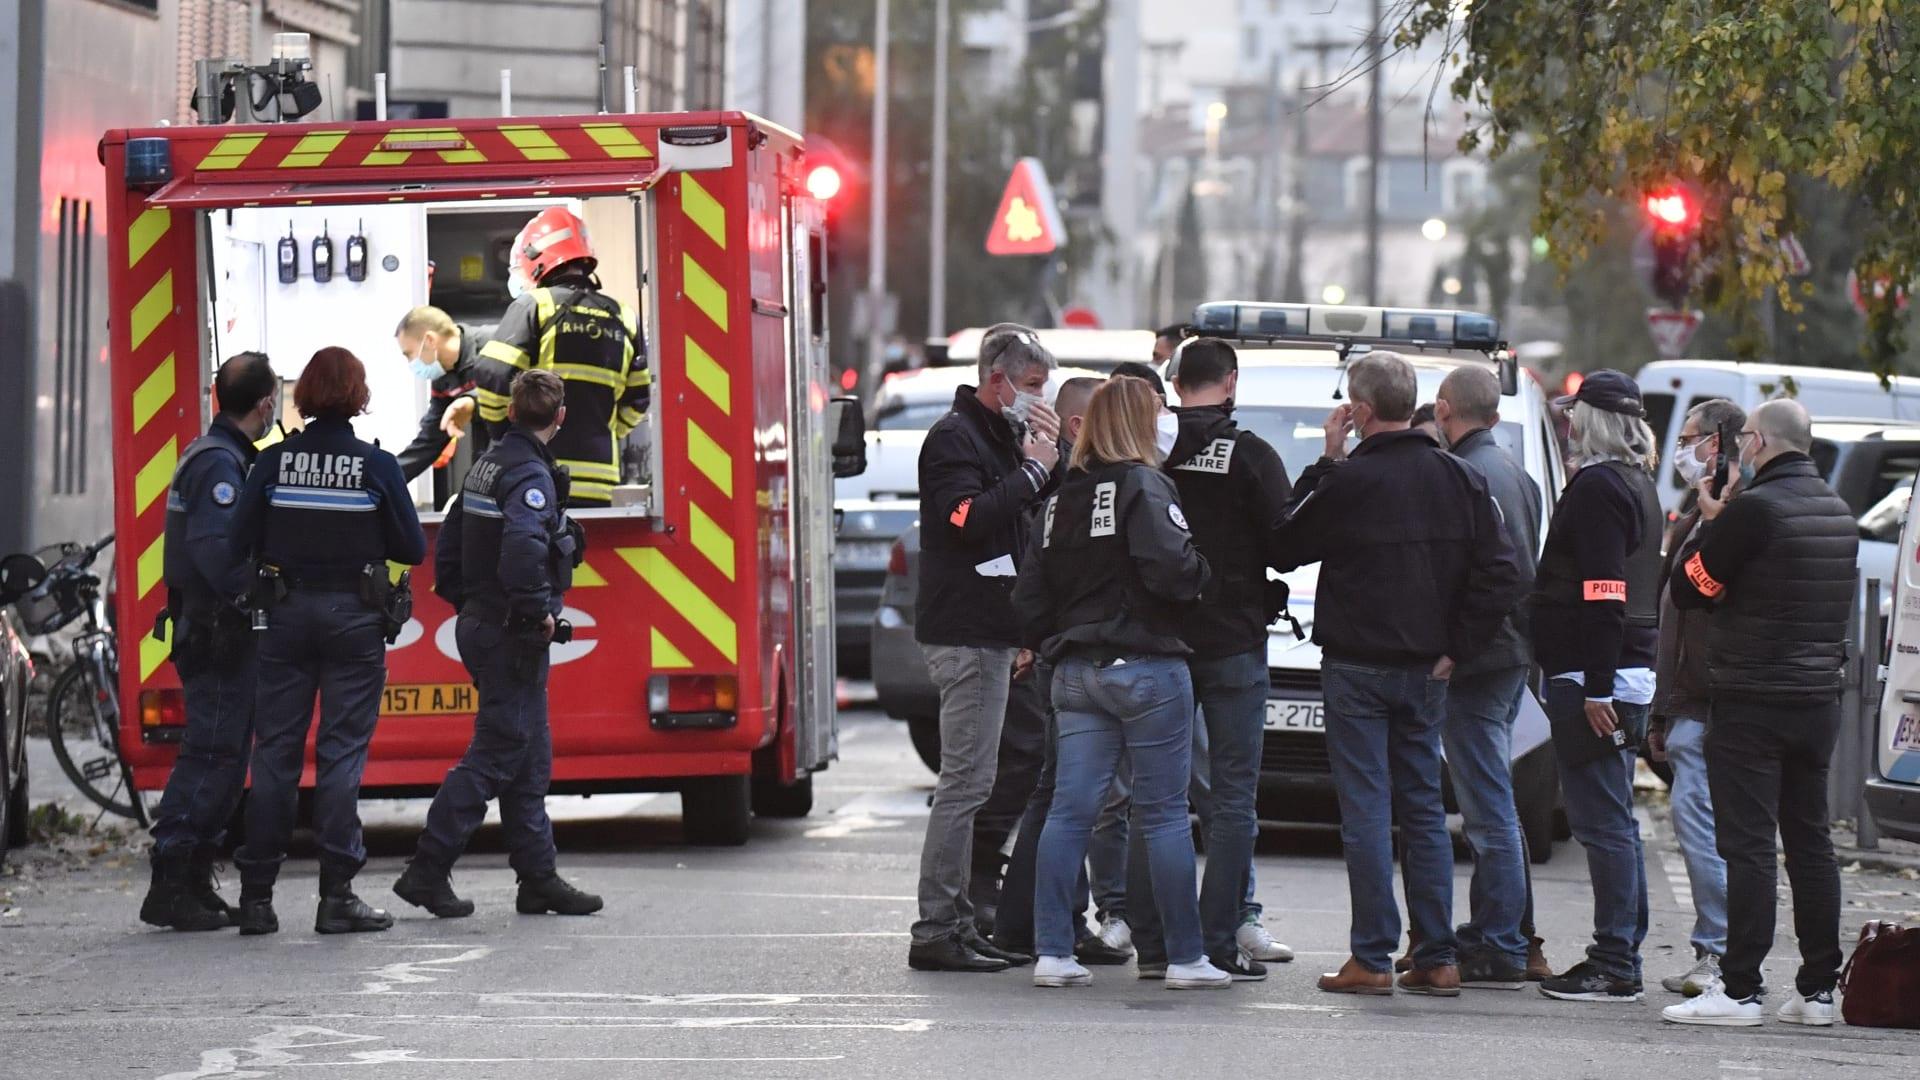 اللحظات الأولى بعد إطلاق نار على قس قرب كنيسة في ليون الفرنسية